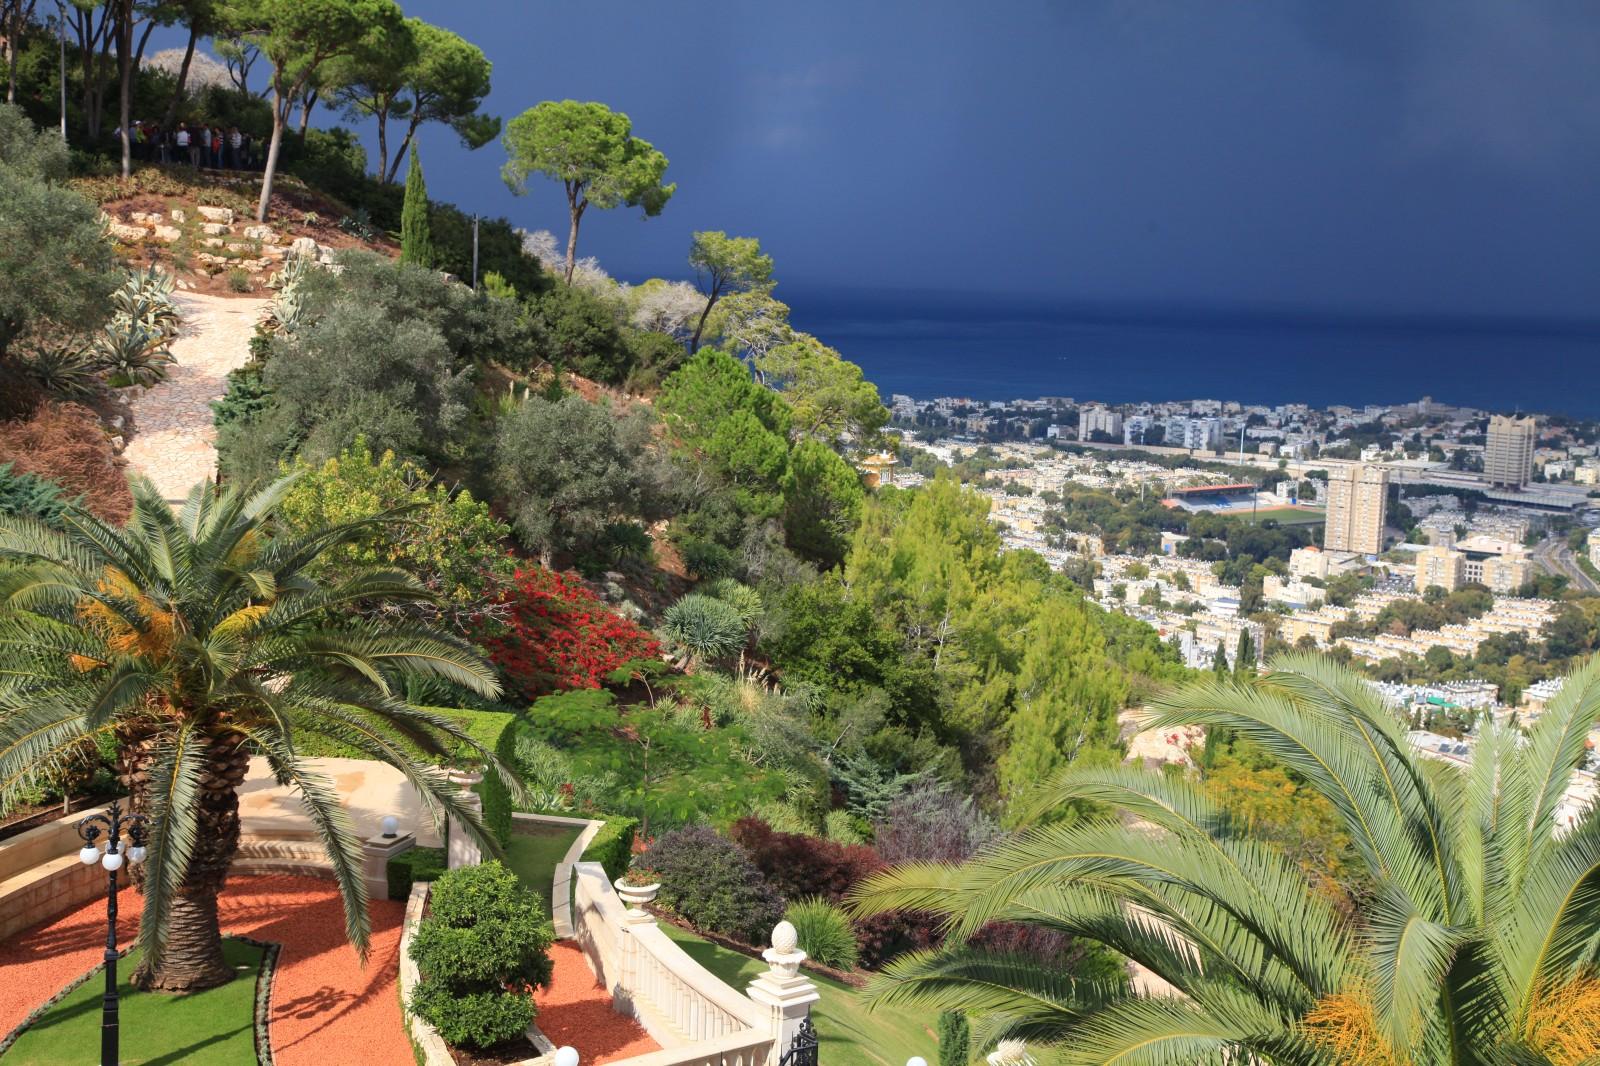 Storm is coming to (still) sunny Haifa